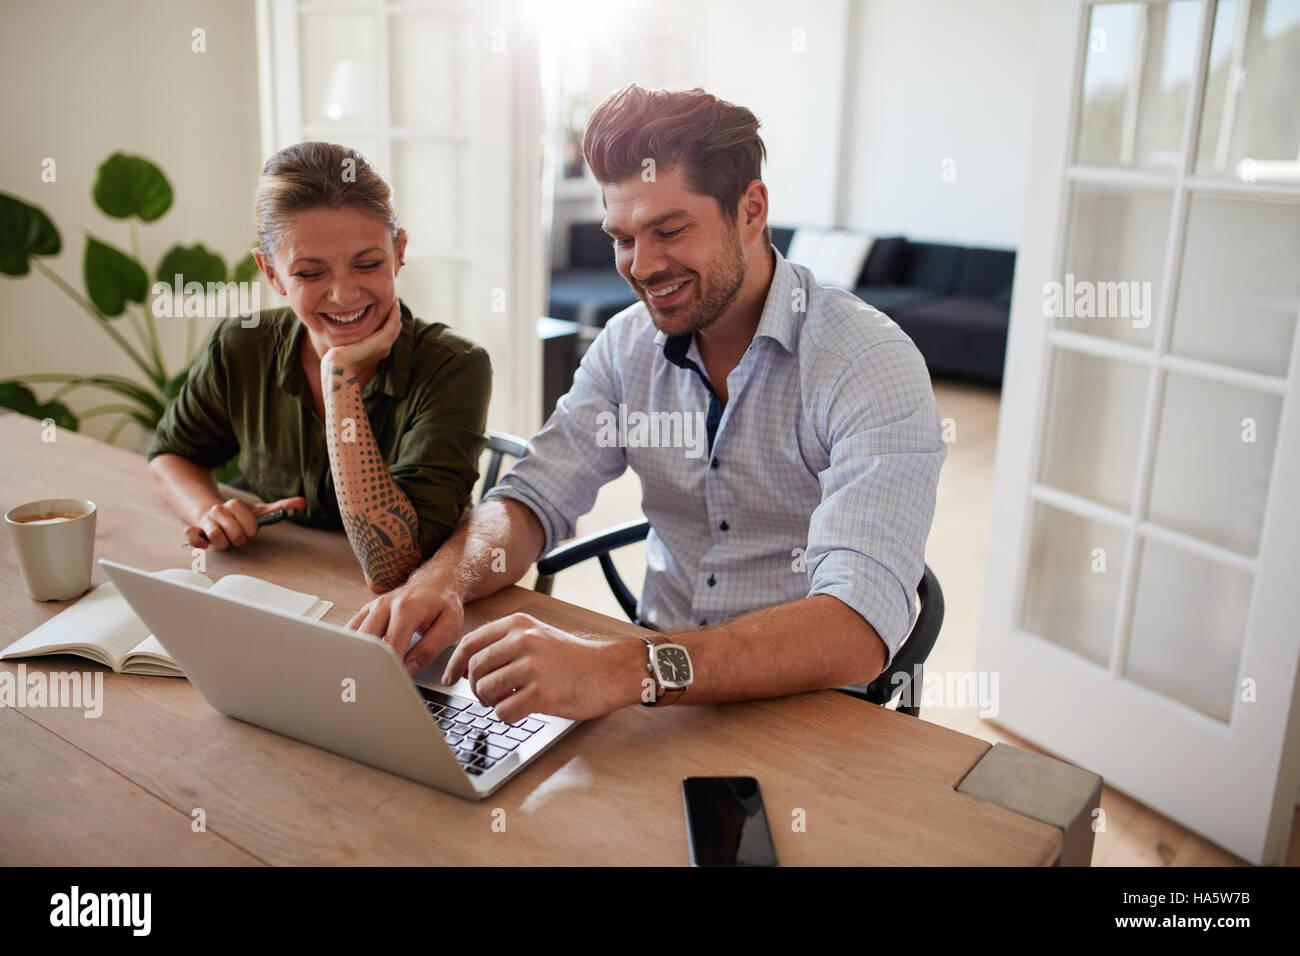 Coup de jeune couple assis ensemble et travailler sur ordinateur portable. Heureux jeune homme et femme à la maison Banque D'Images